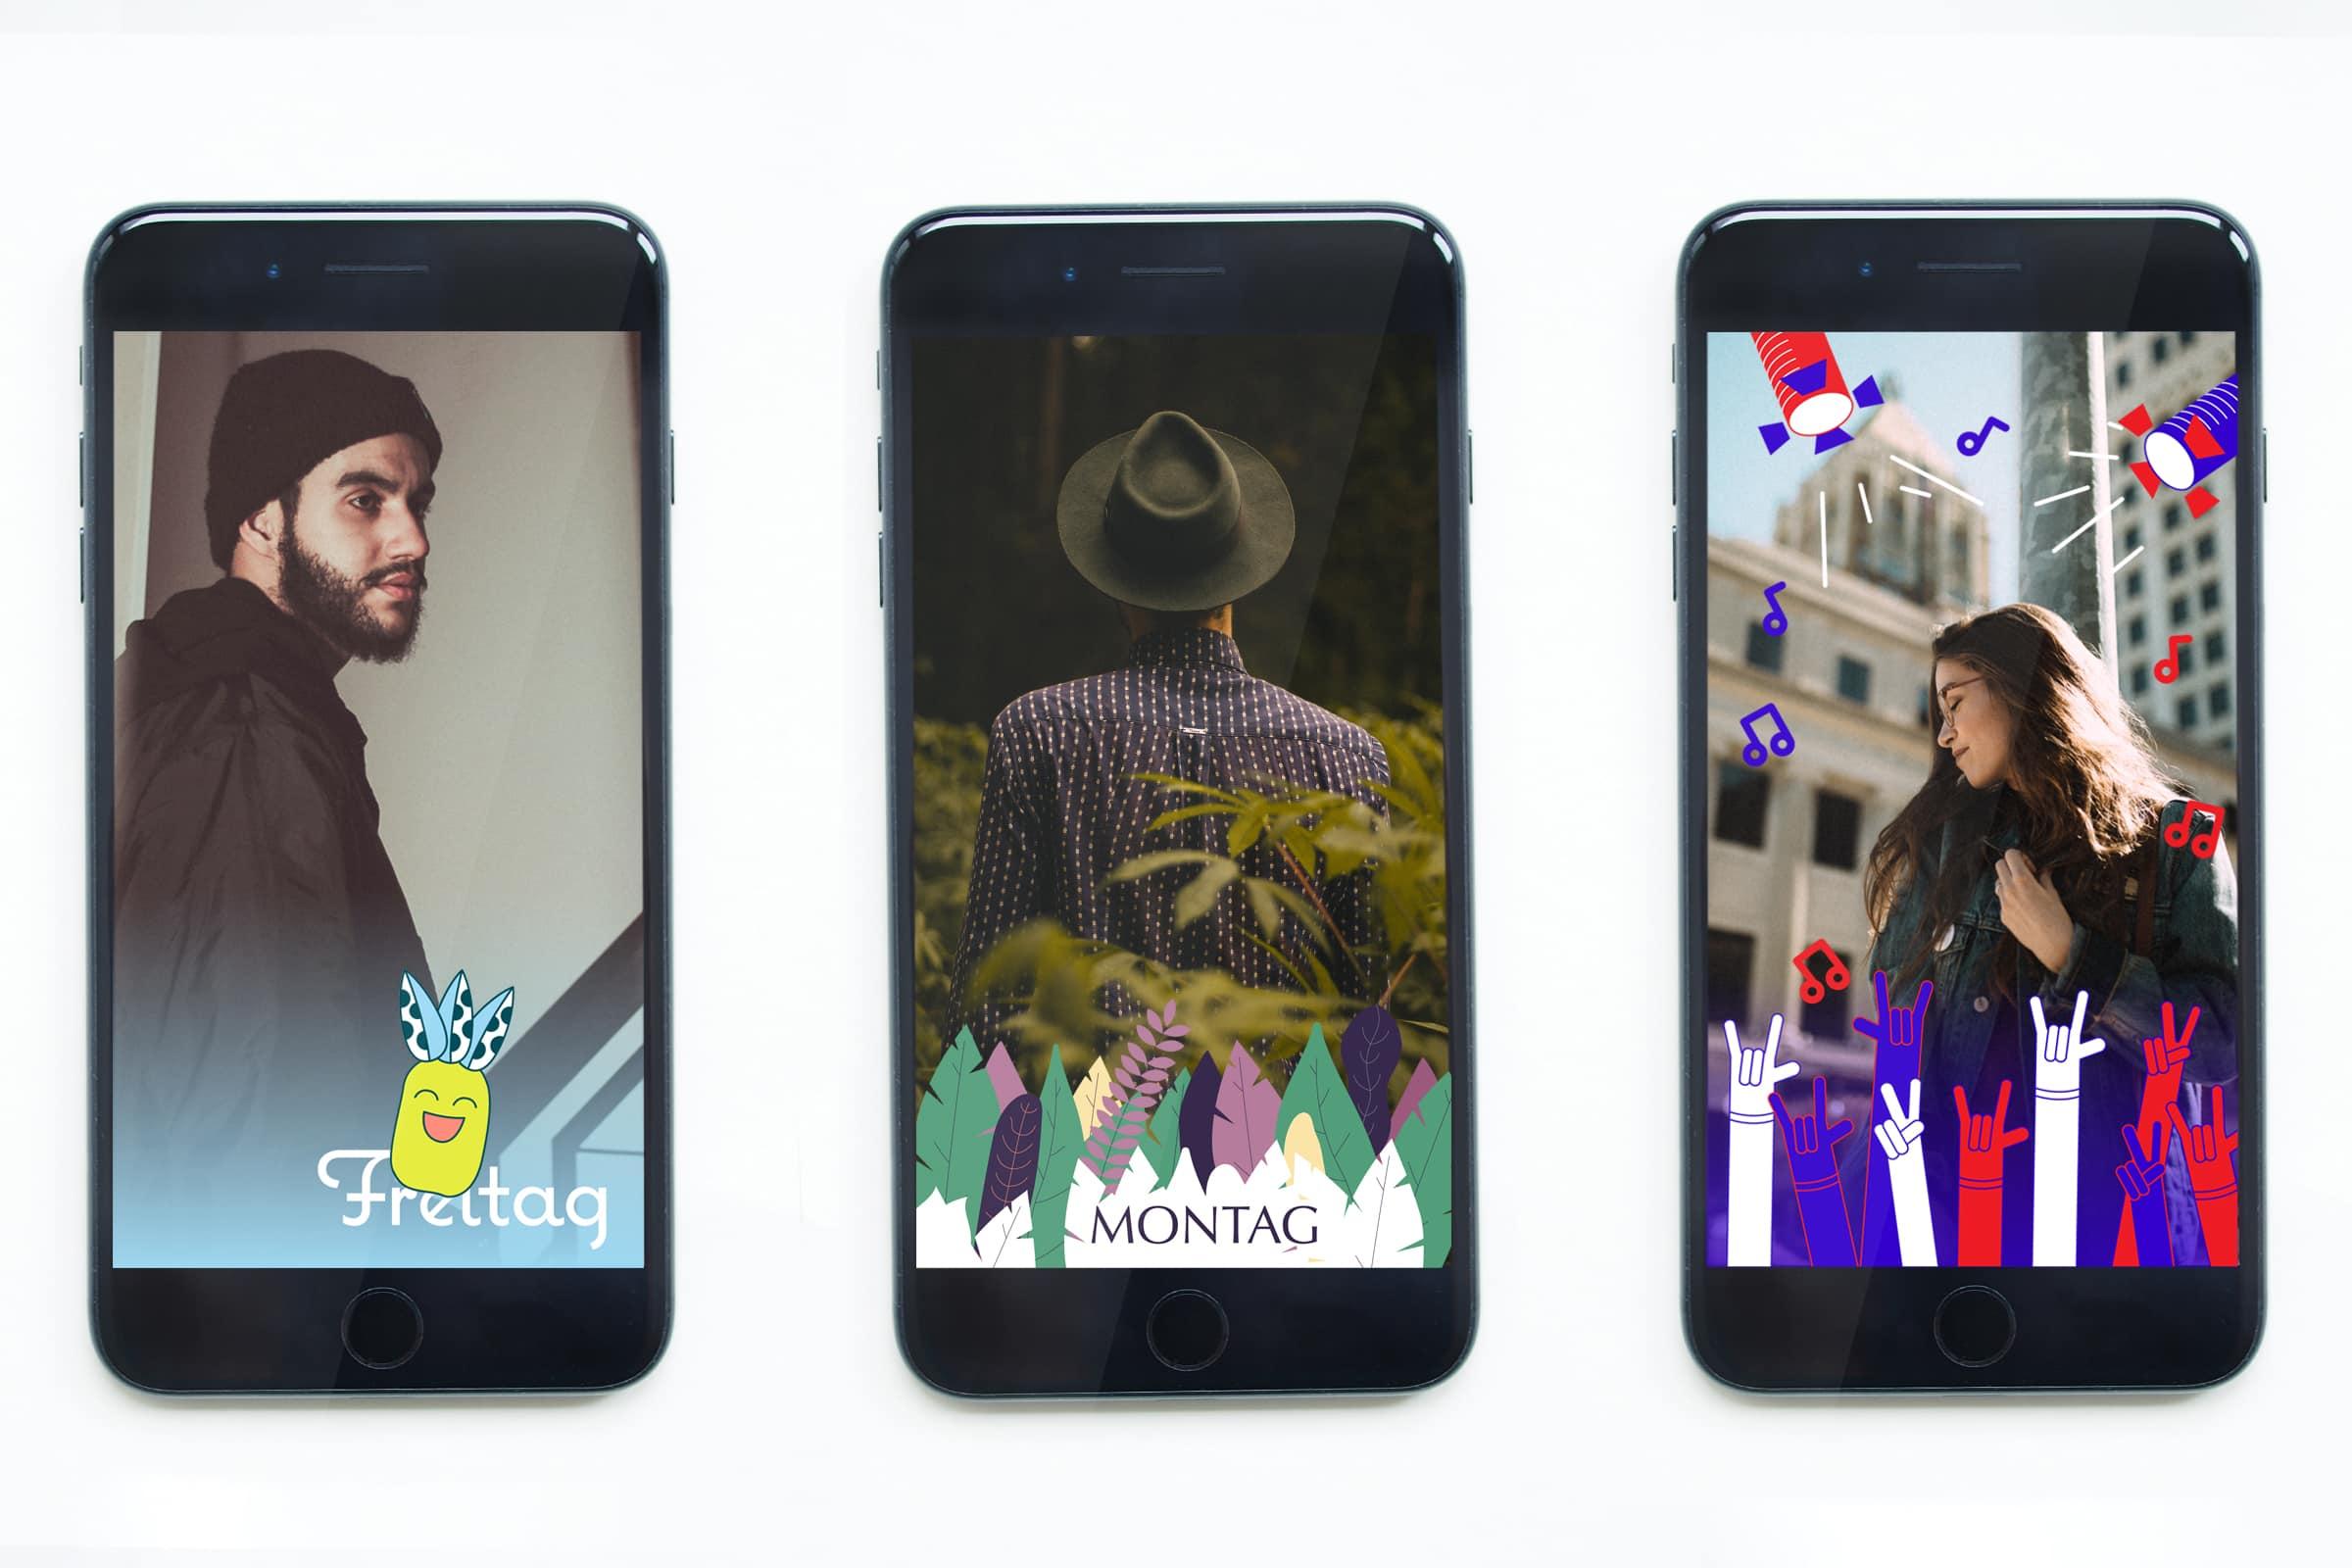 Snapchat, illustration, geofilter, app